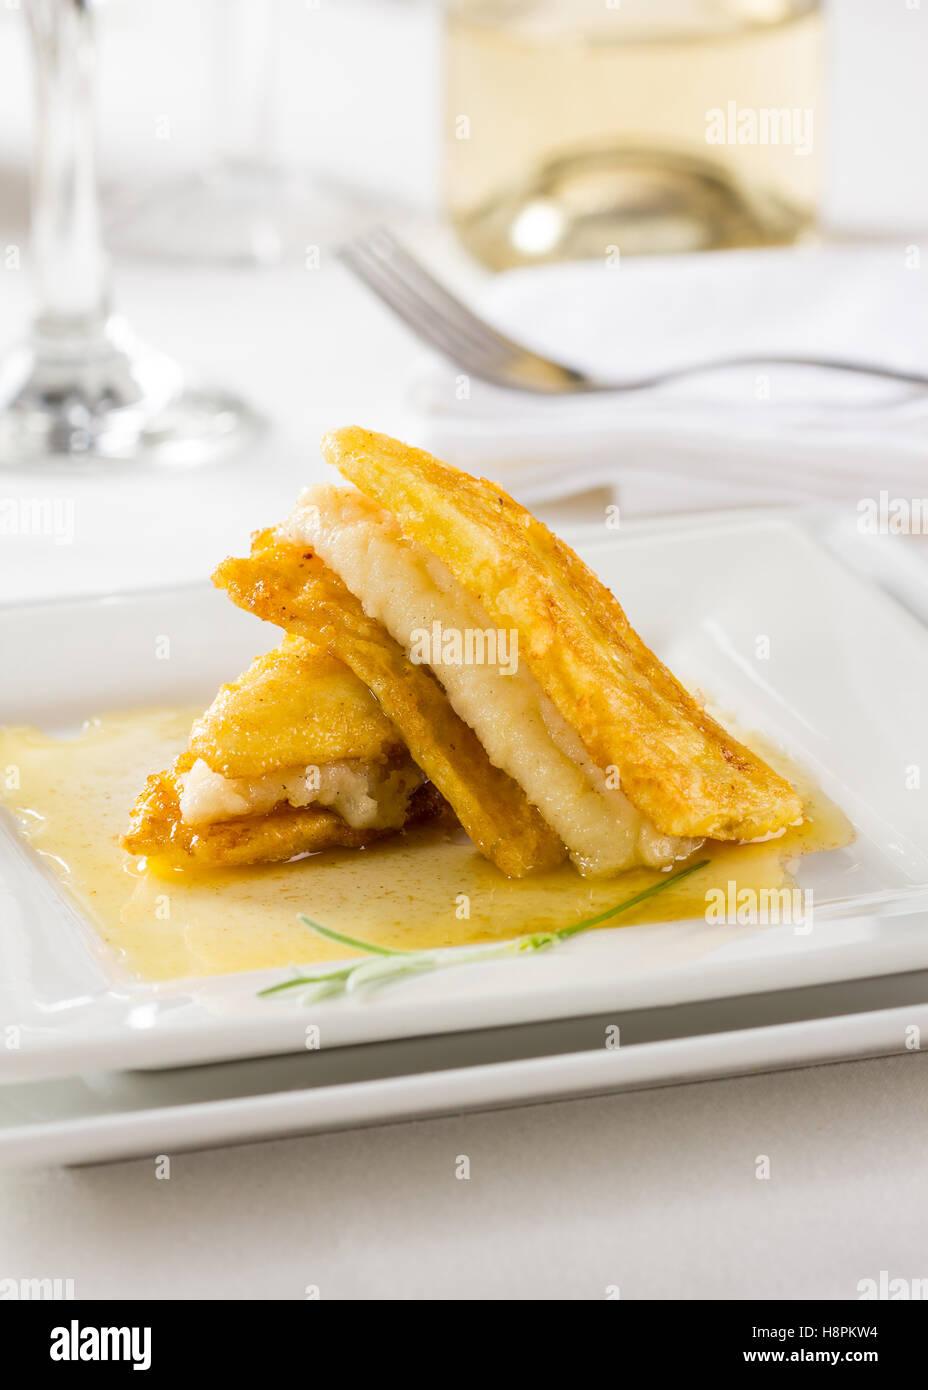 Suola di filetto di pesce, servita con una banana una salsa. Immagini Stock